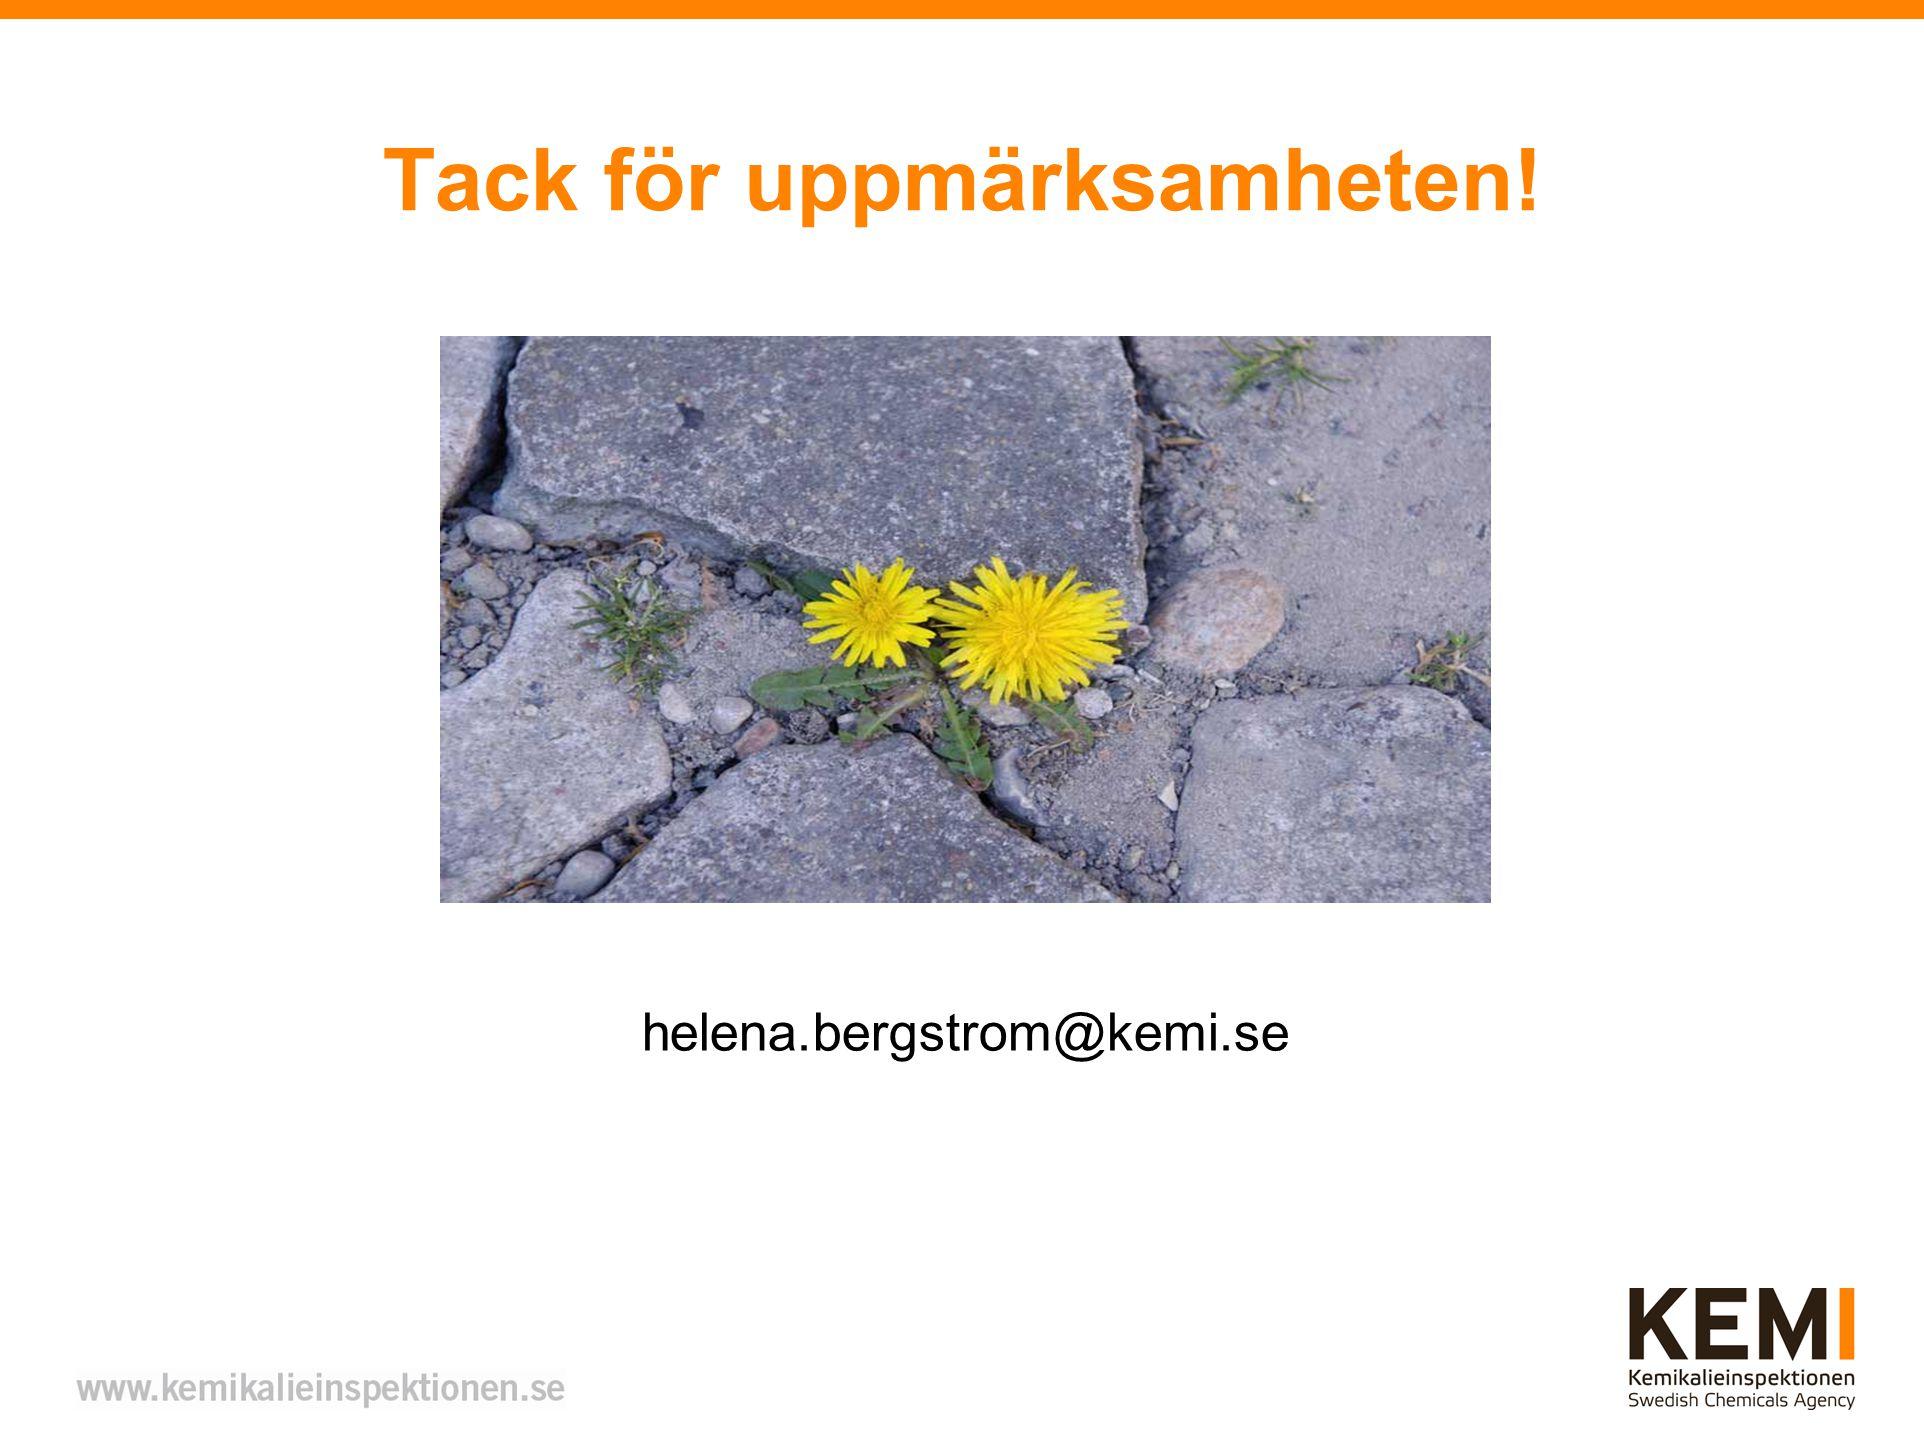 Tack för uppmärksamheten! helena.bergstrom@kemi.se